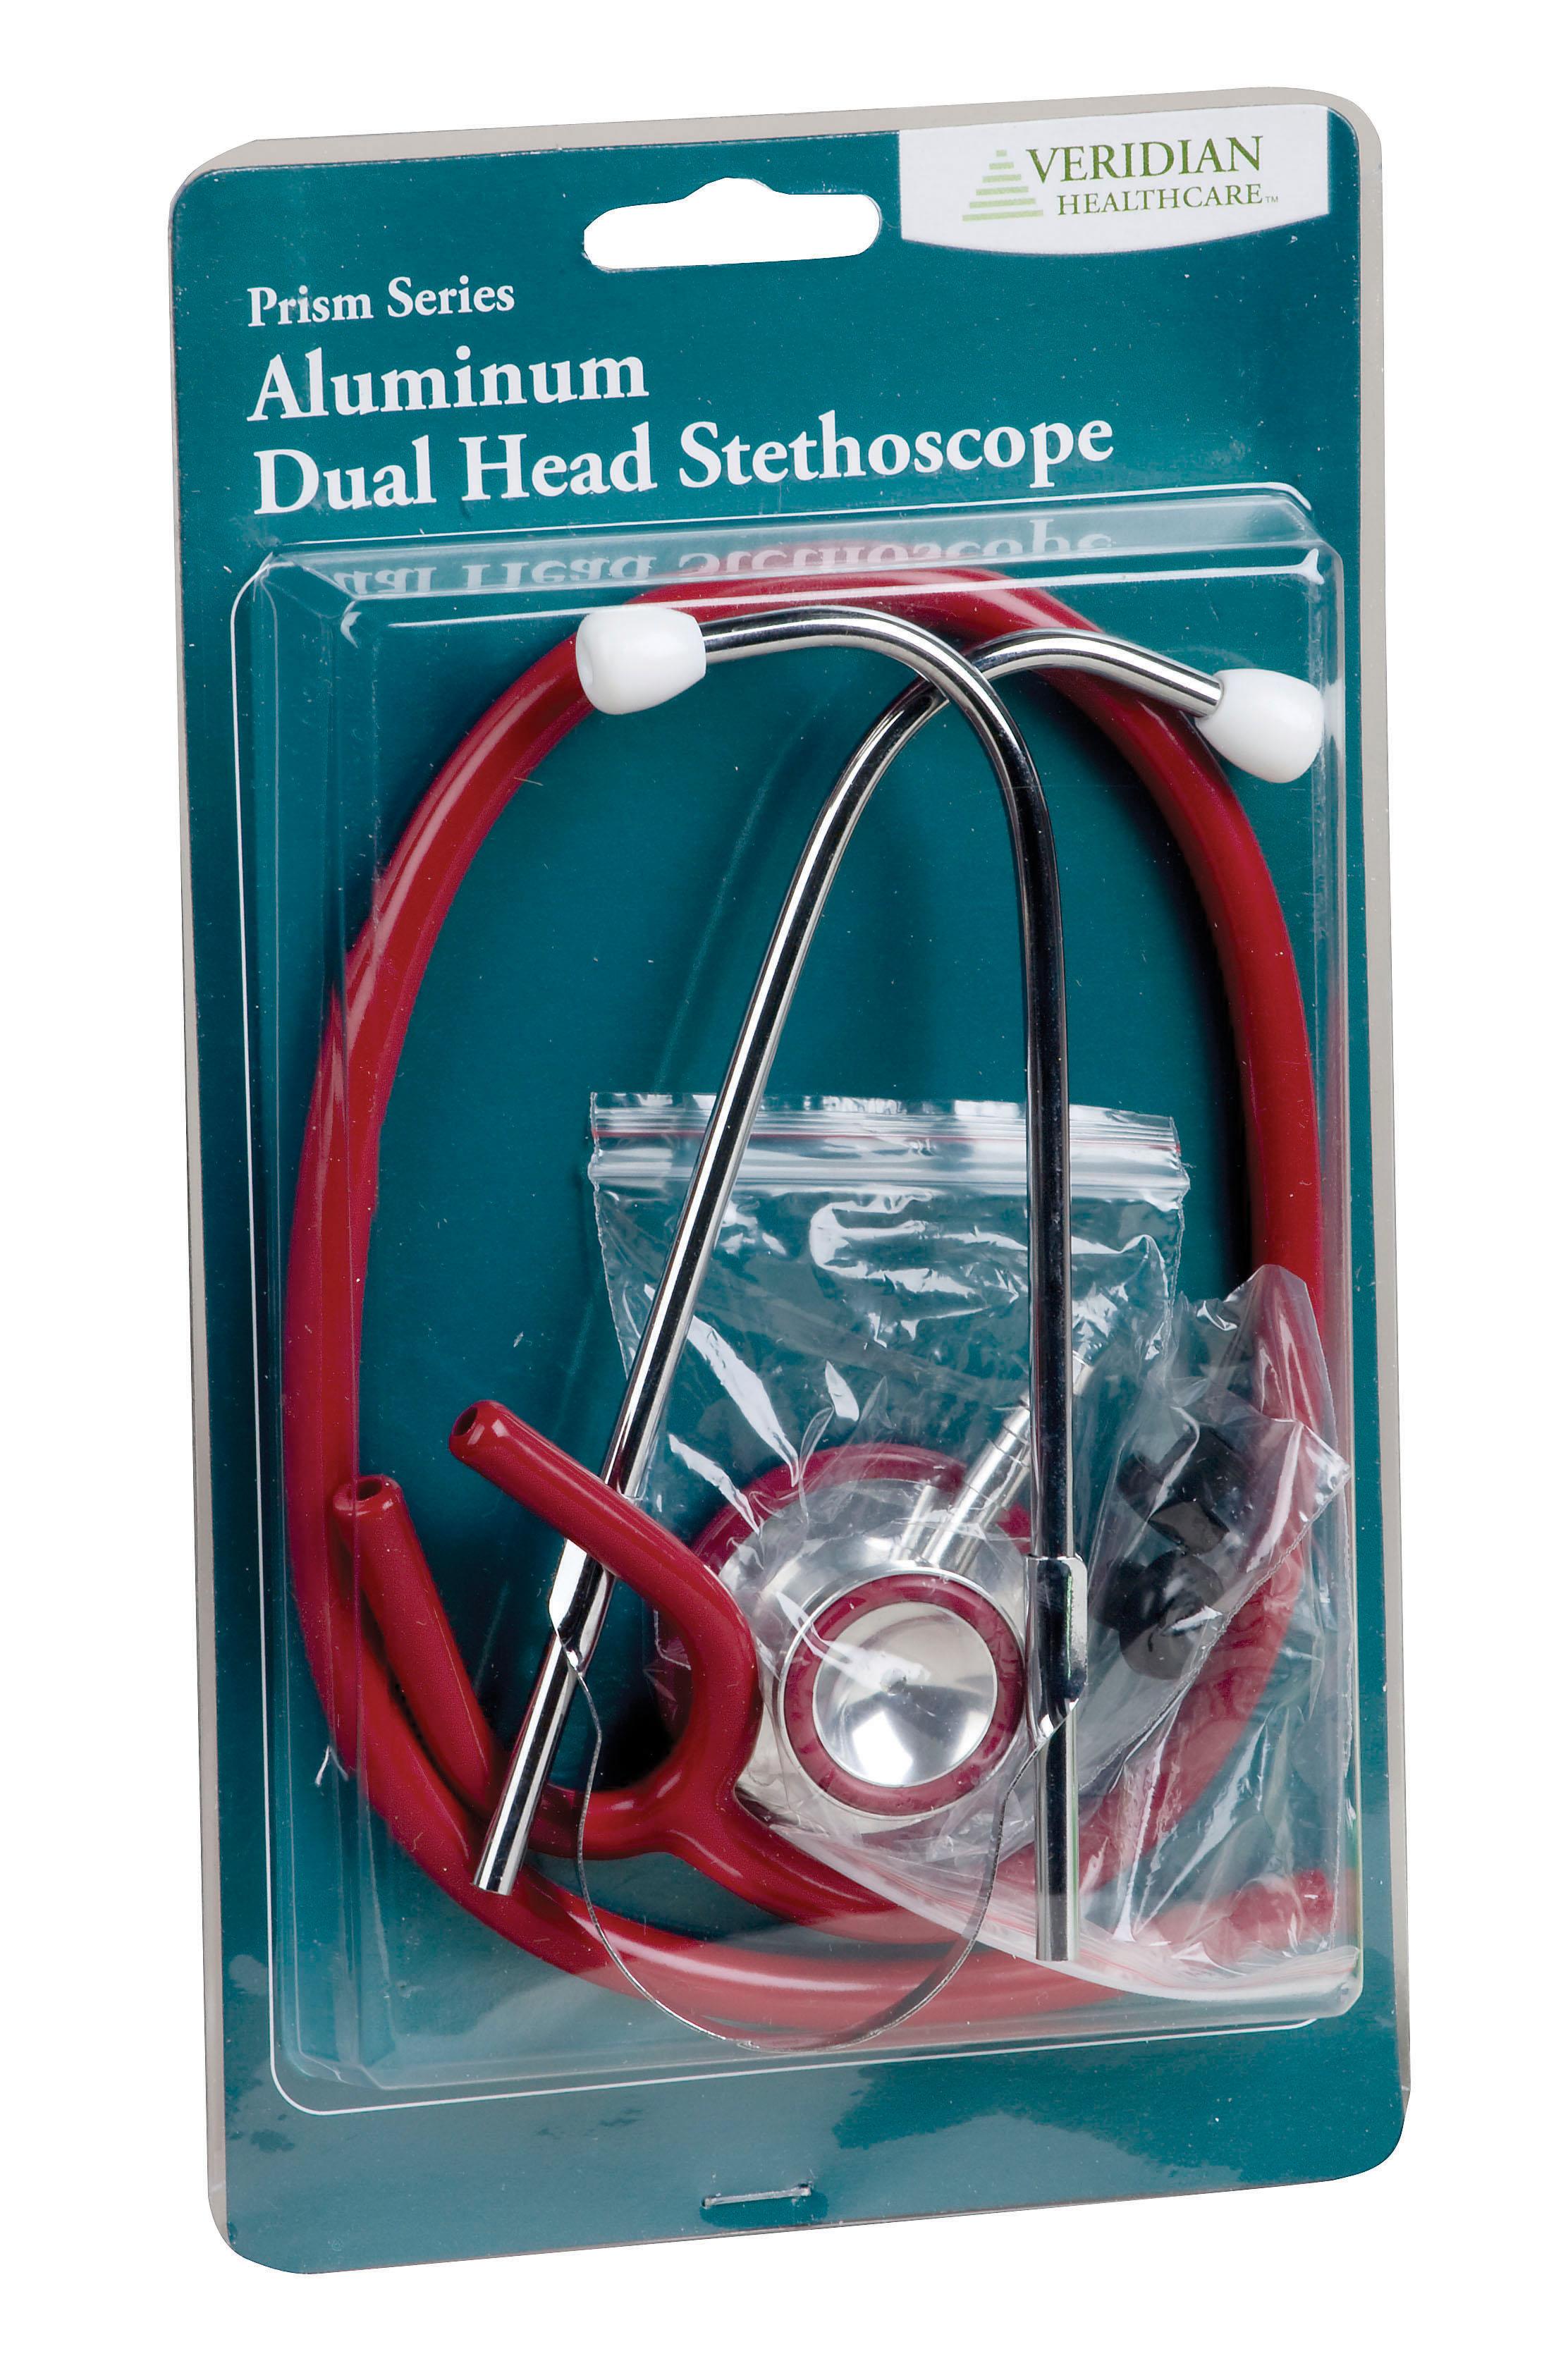 prism-series-aluminum-dual-head-stethoscope-black-slider-pack-05-12101-veridian-2.jpg